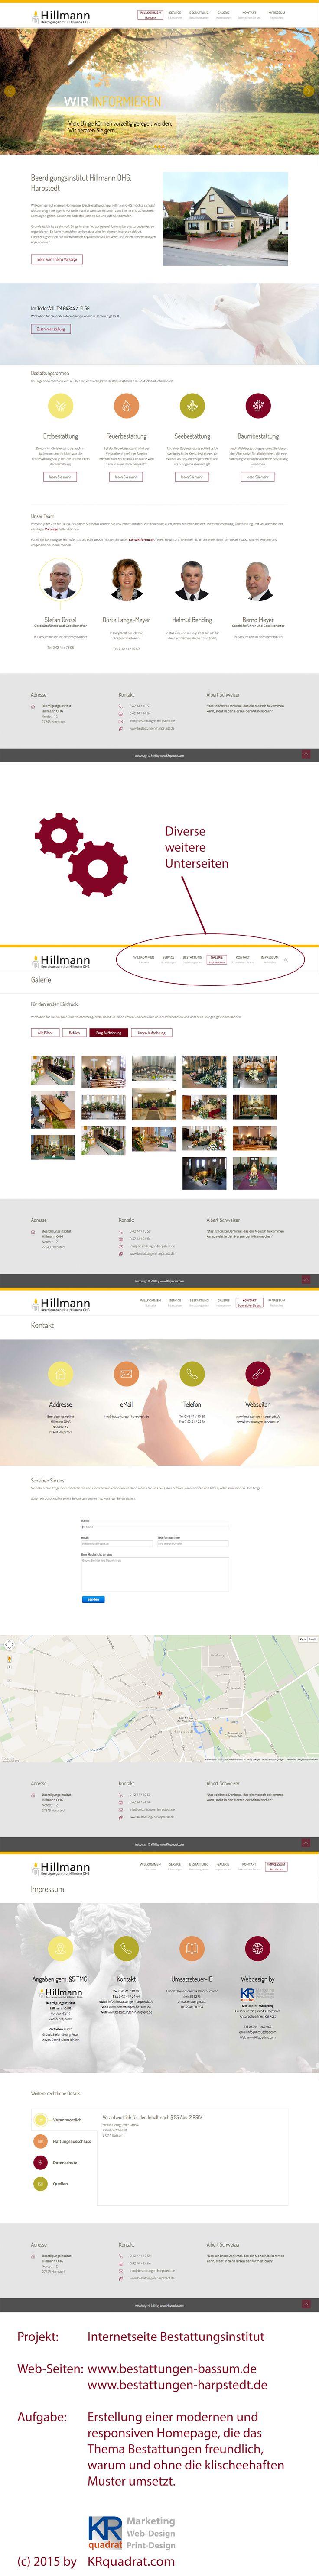 Webdesign für ein Bestattungsunternehmen  Erstellung einer modernen und responsiven Homepage für ein Bestattungsunternehmen, die das Thema Bestattungen freundlich, warum und ohne die klischeehaften Muster (z.B. dunkle Farben, drückend) umsetzt.  http://www.bestattungen-bassum.de